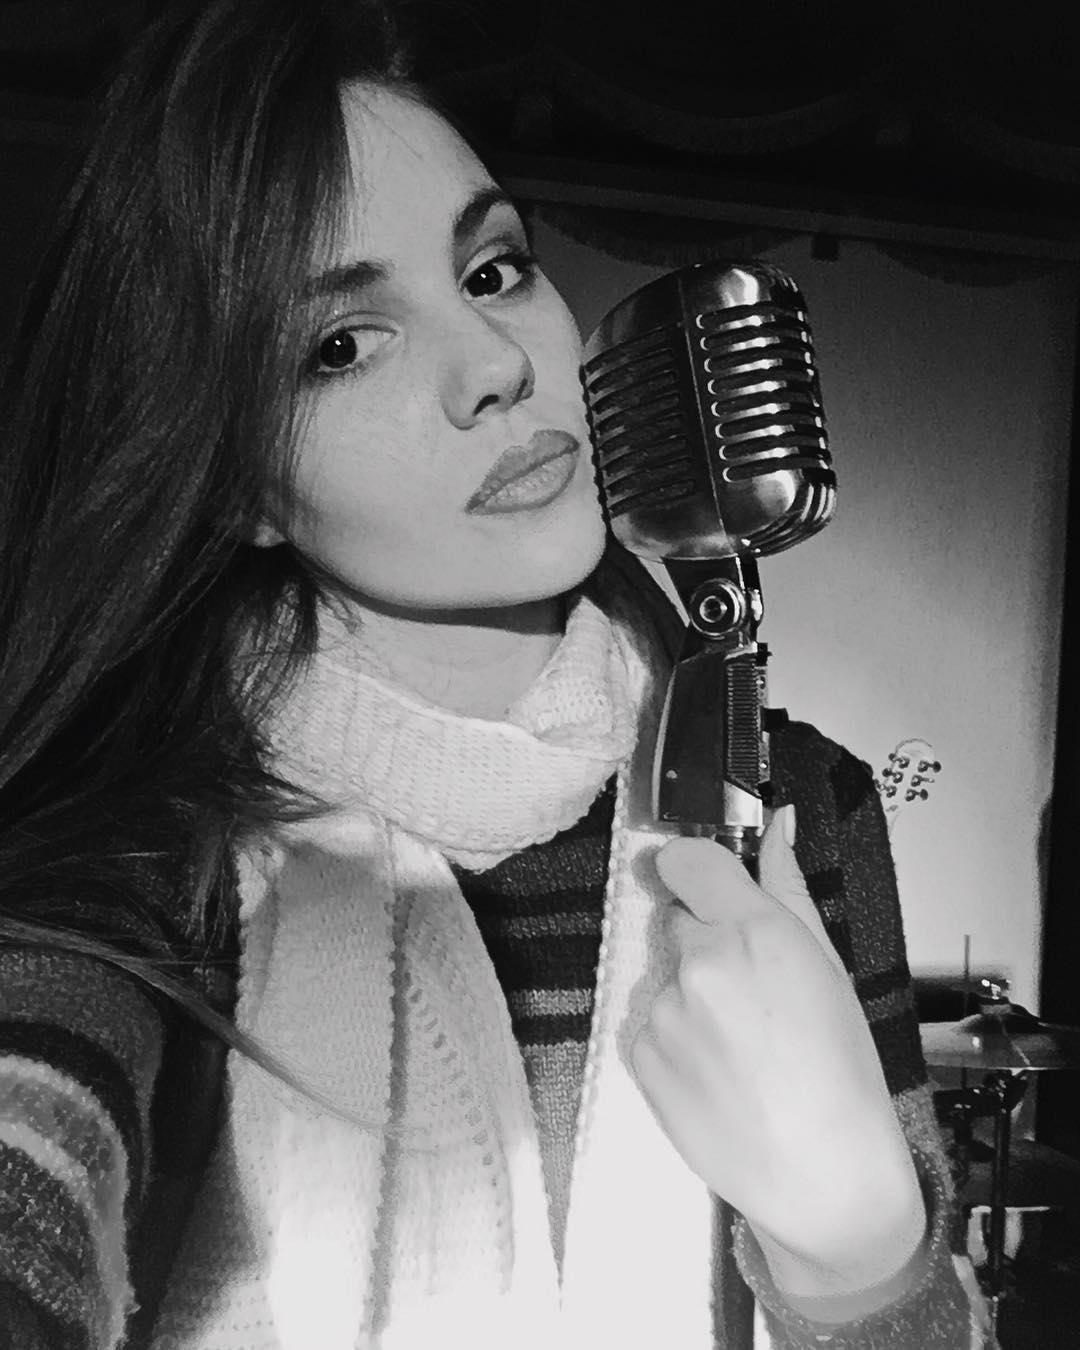 Певица и участница проекта Голос 8 Валерия Миронова, ее биография и личная жизнь.